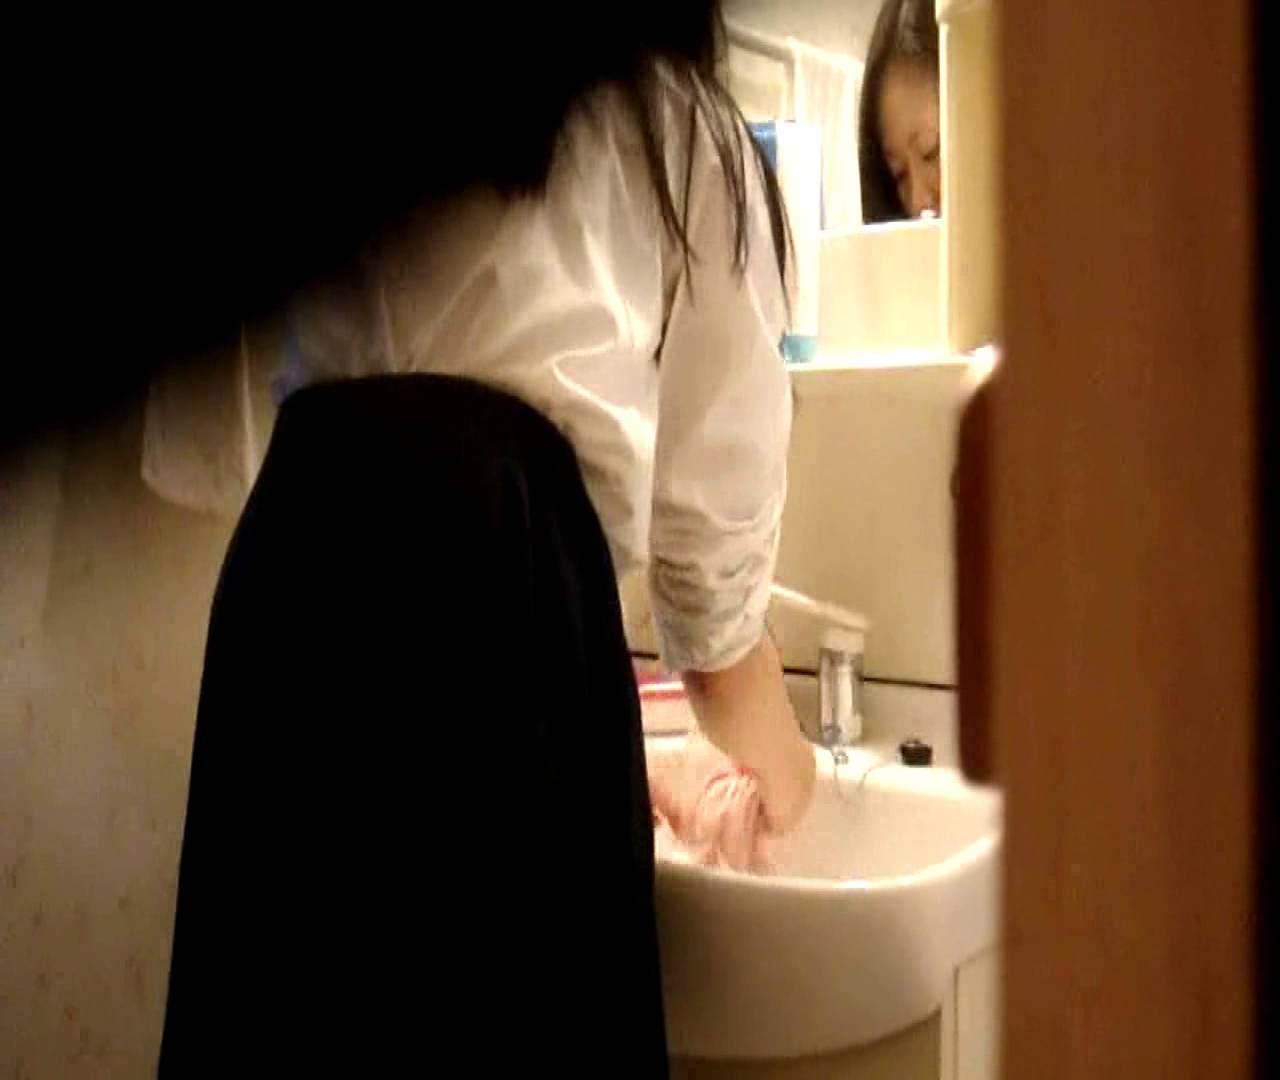 二人とも育てた甲斐がありました… vol.05 まどかが洗顔後にブラを洗濯 HなOL | 0  98pic 66